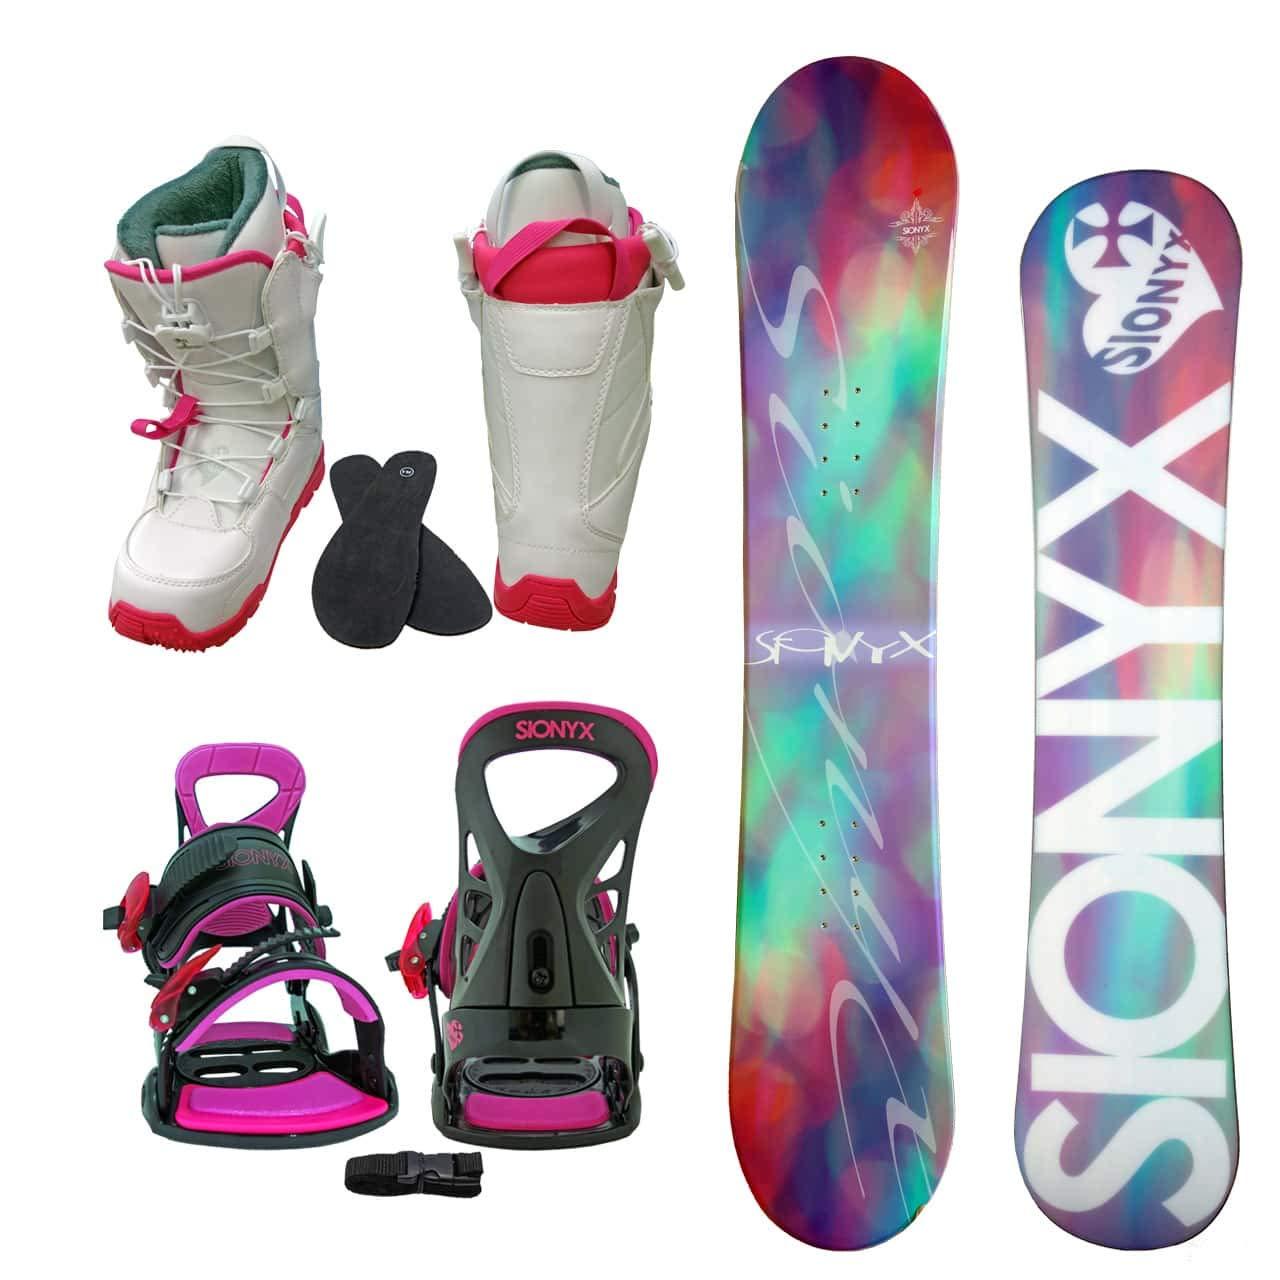 SIONYX レディース スノーボード3点セット スノボー+バインディング+クイックシューレースブーツ BELLA B07JJZ2DHD ボード 140+boots 25.0|ボード ピンク+binding ピンク+boots ホワイト ボード ピンク+binding ピンク+boots ホワイト ボード 140+boots 25.0